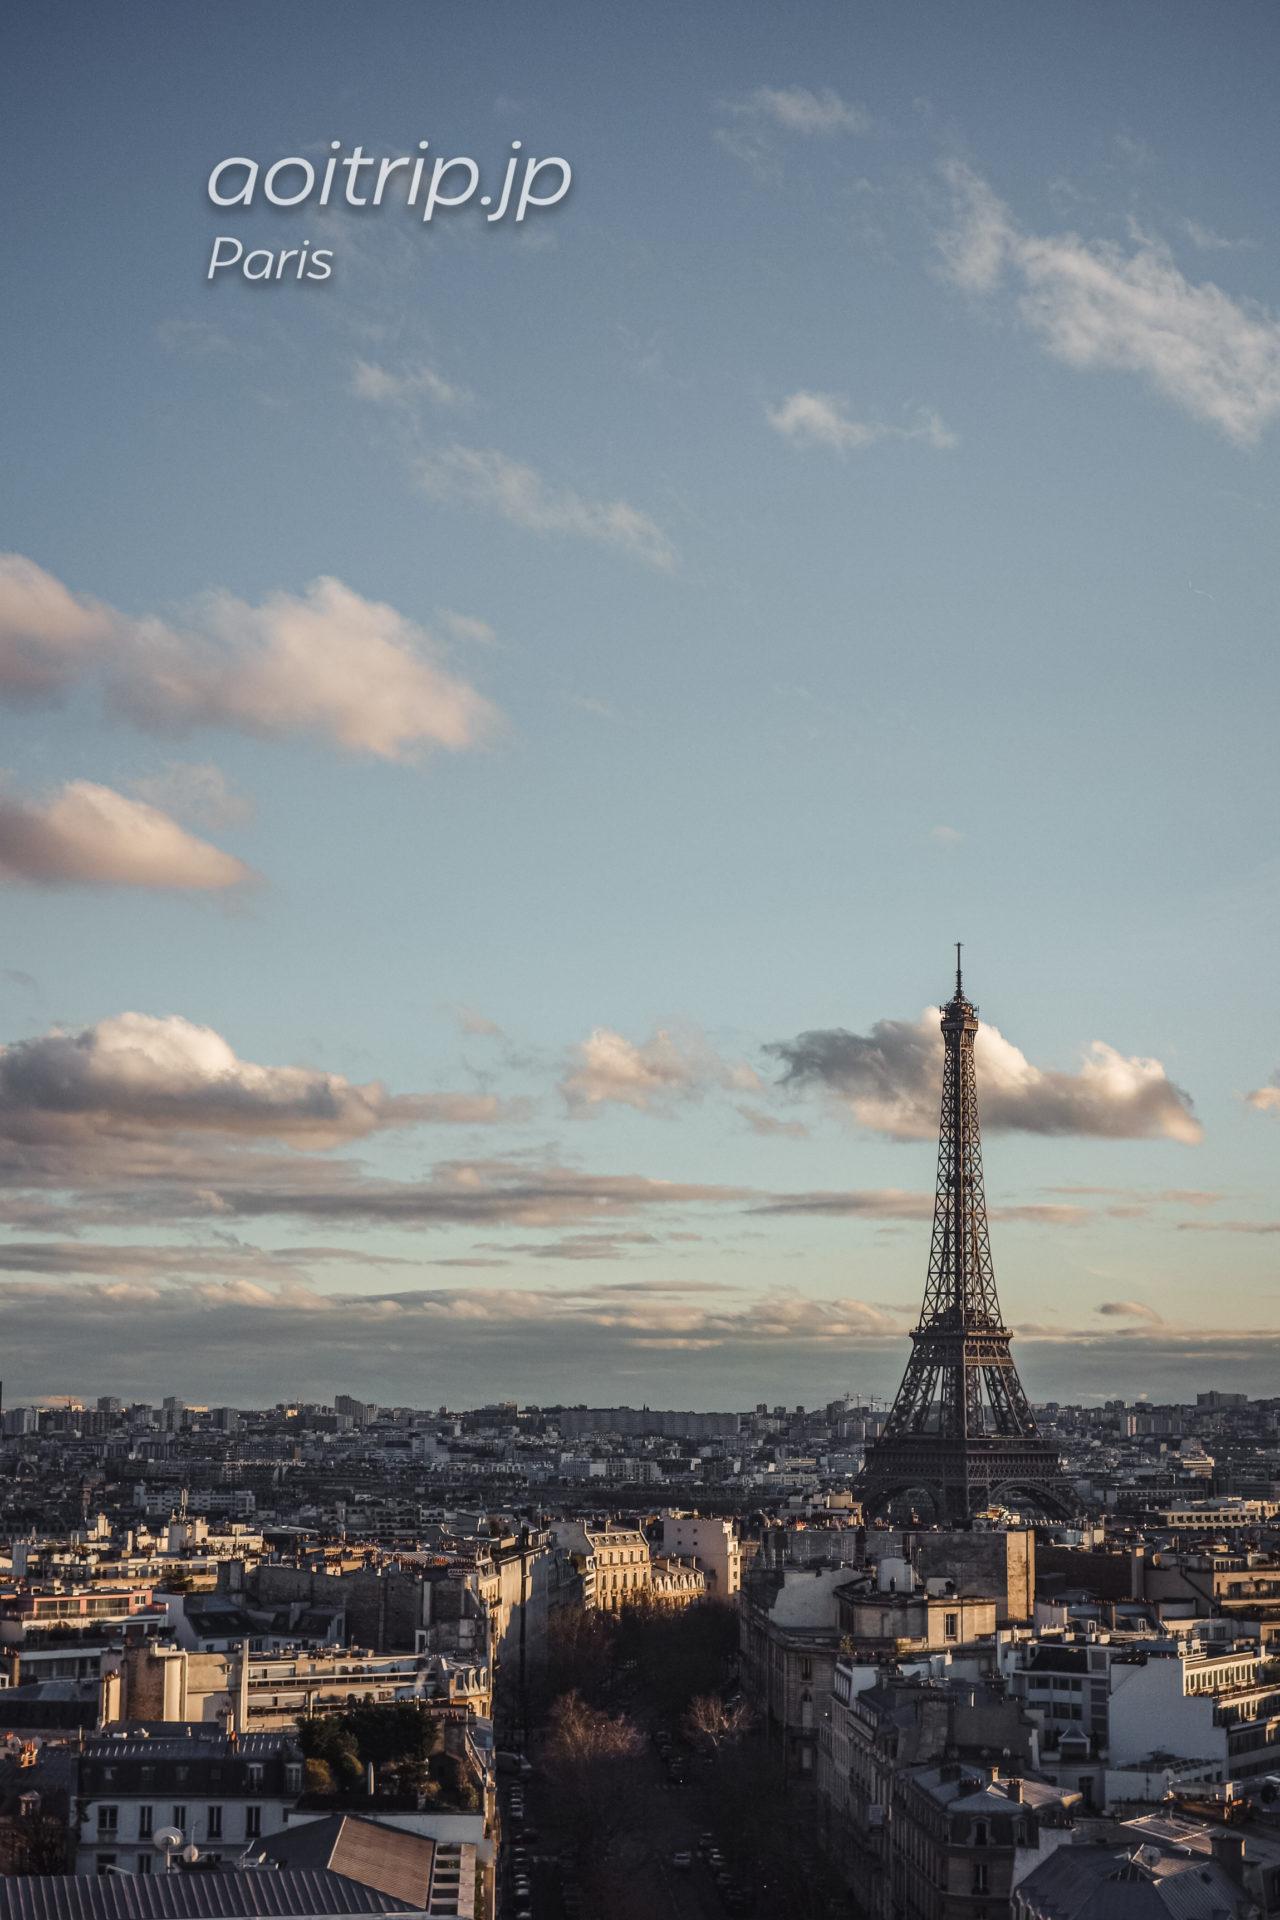 パリ・エトワール凱旋門からエッフェル塔を望む